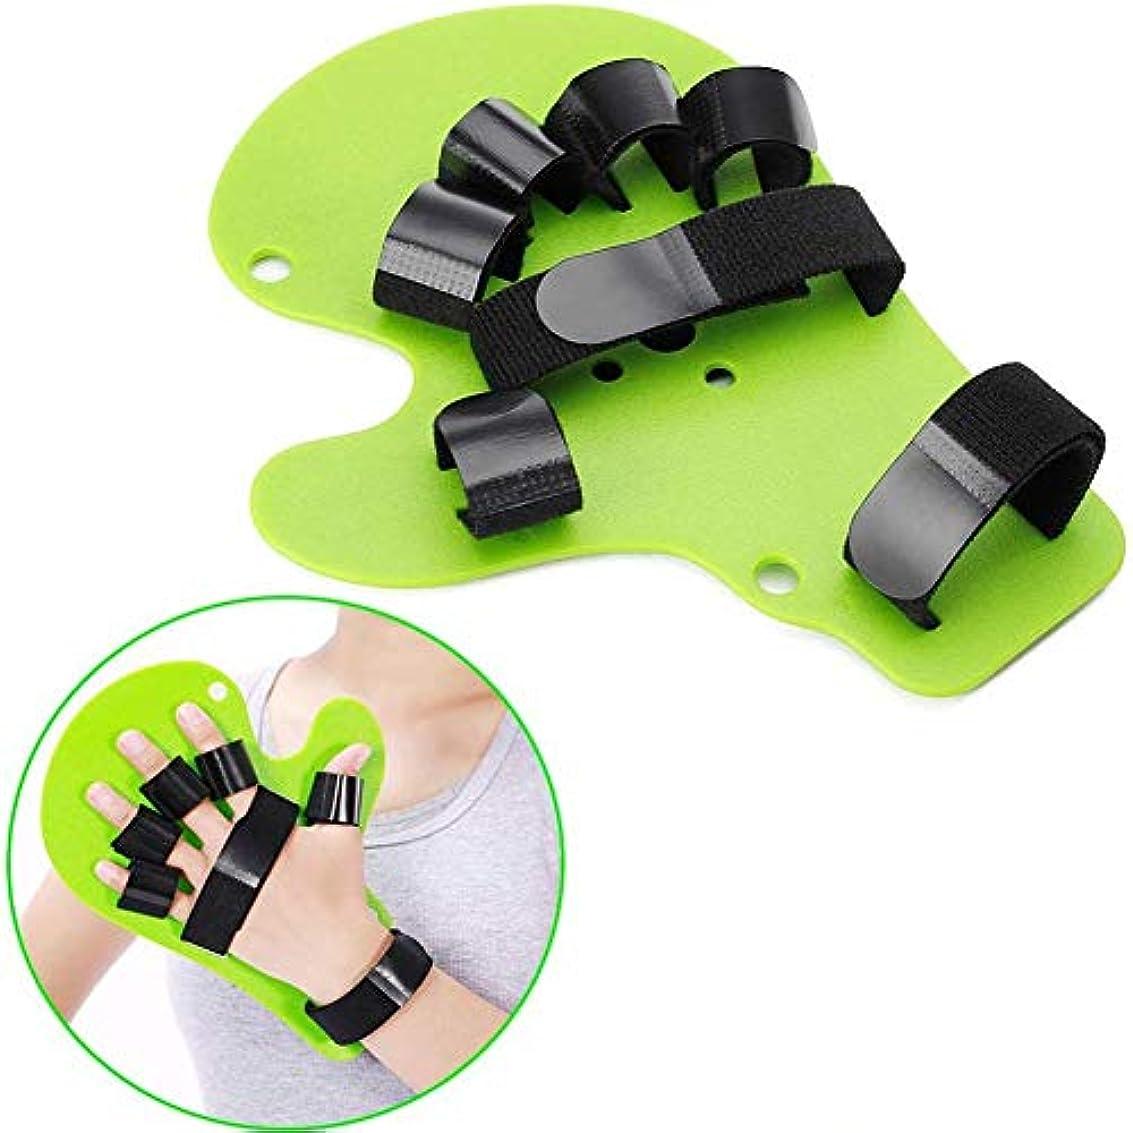 フィンガースプリントフィンガーボードフィンガーセパレーター,セパレータ、指の指セパレーターインソールフィンガー、関節炎、腱炎、手術、脱臼、捻挫、繰り返しの使用にも役立ちます(フィット右または左の手)